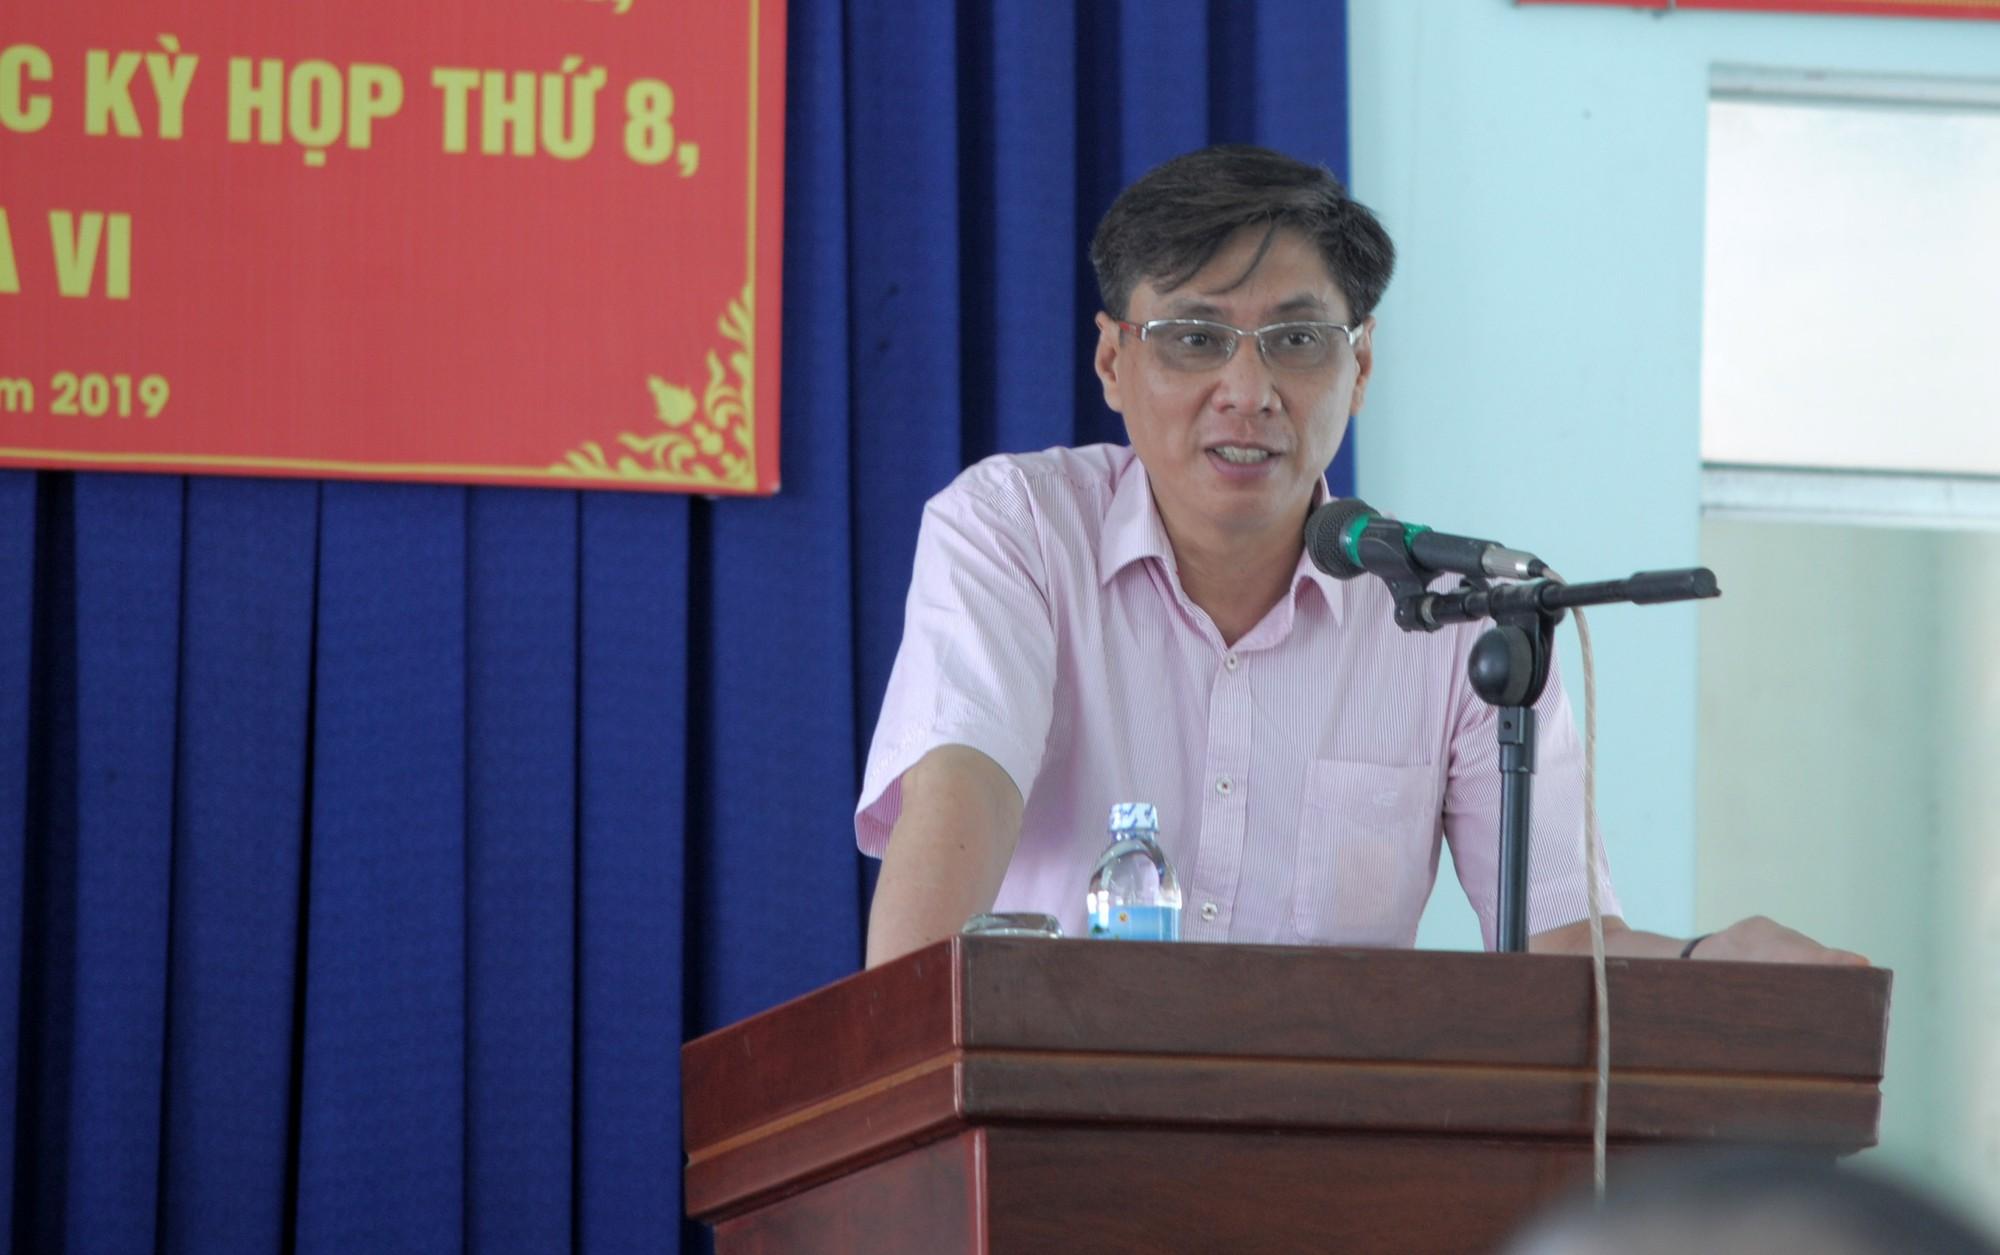 Chủ tịch Khánh Hòa đề nghị xử lý nghiêm trạm bê tông không phép khiến dân kêu trời vì ô nhiễm - Ảnh 3.